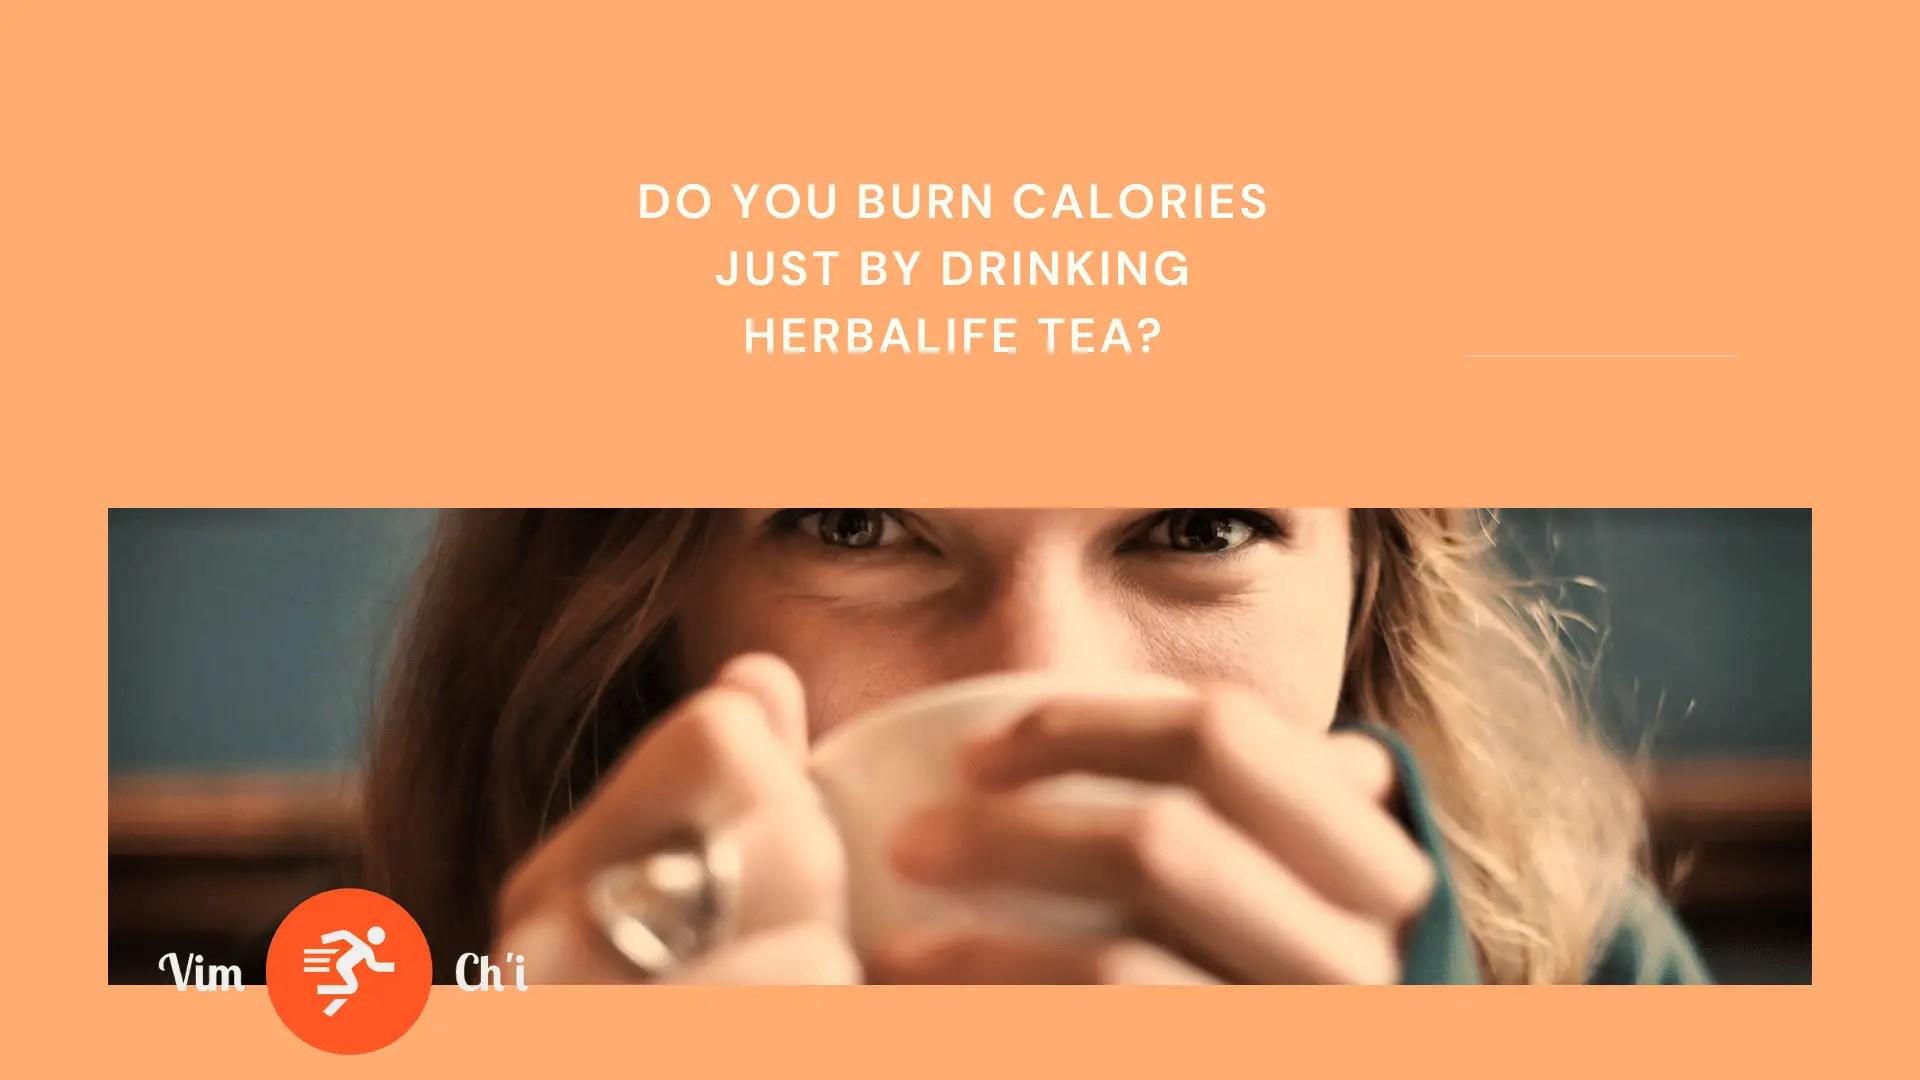 herbalife tea burns calories